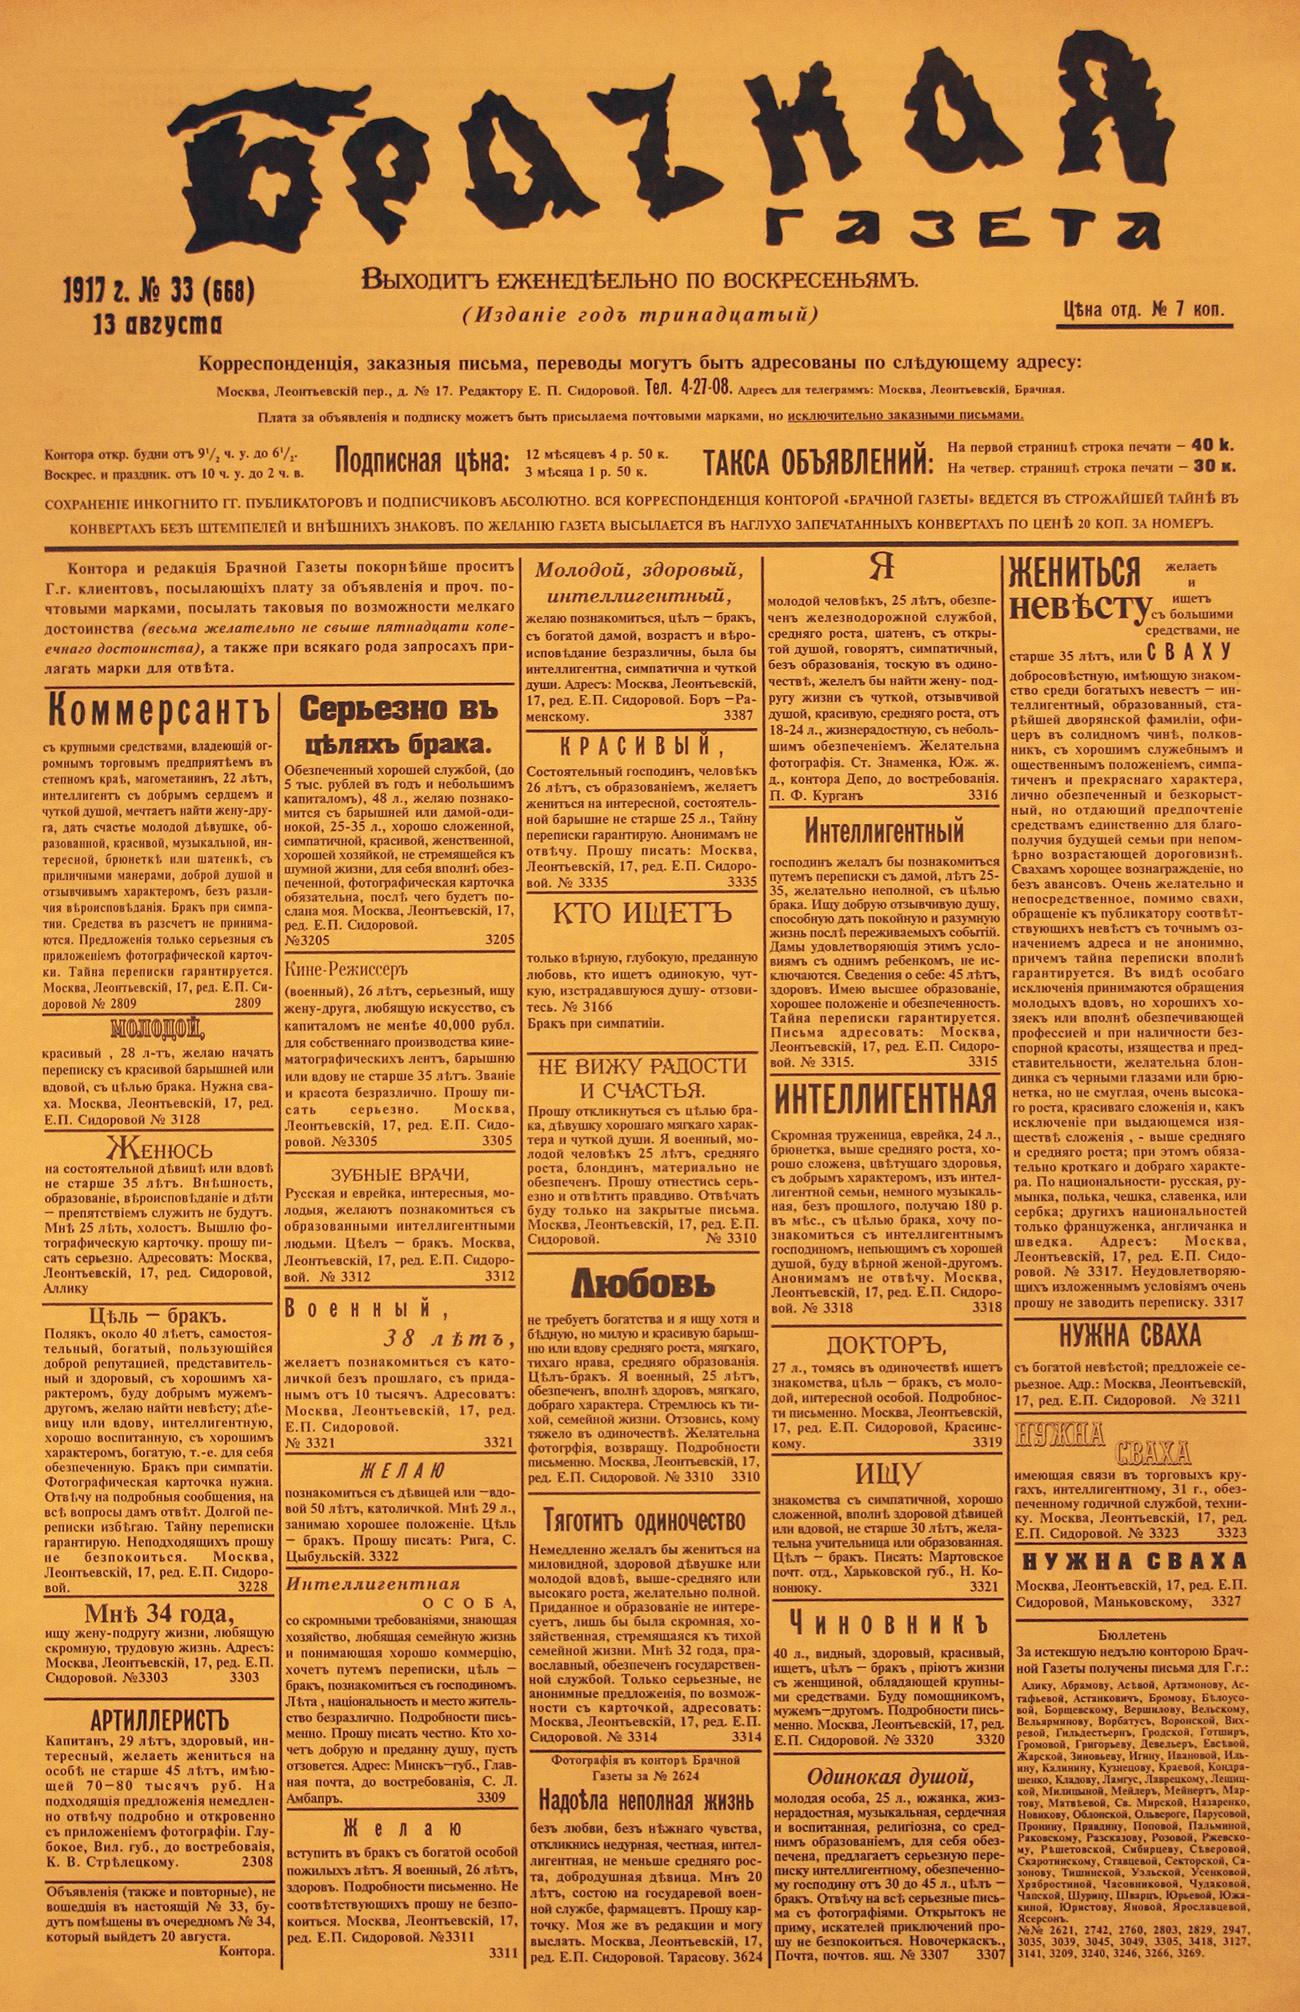 газета объявления знакомств германия